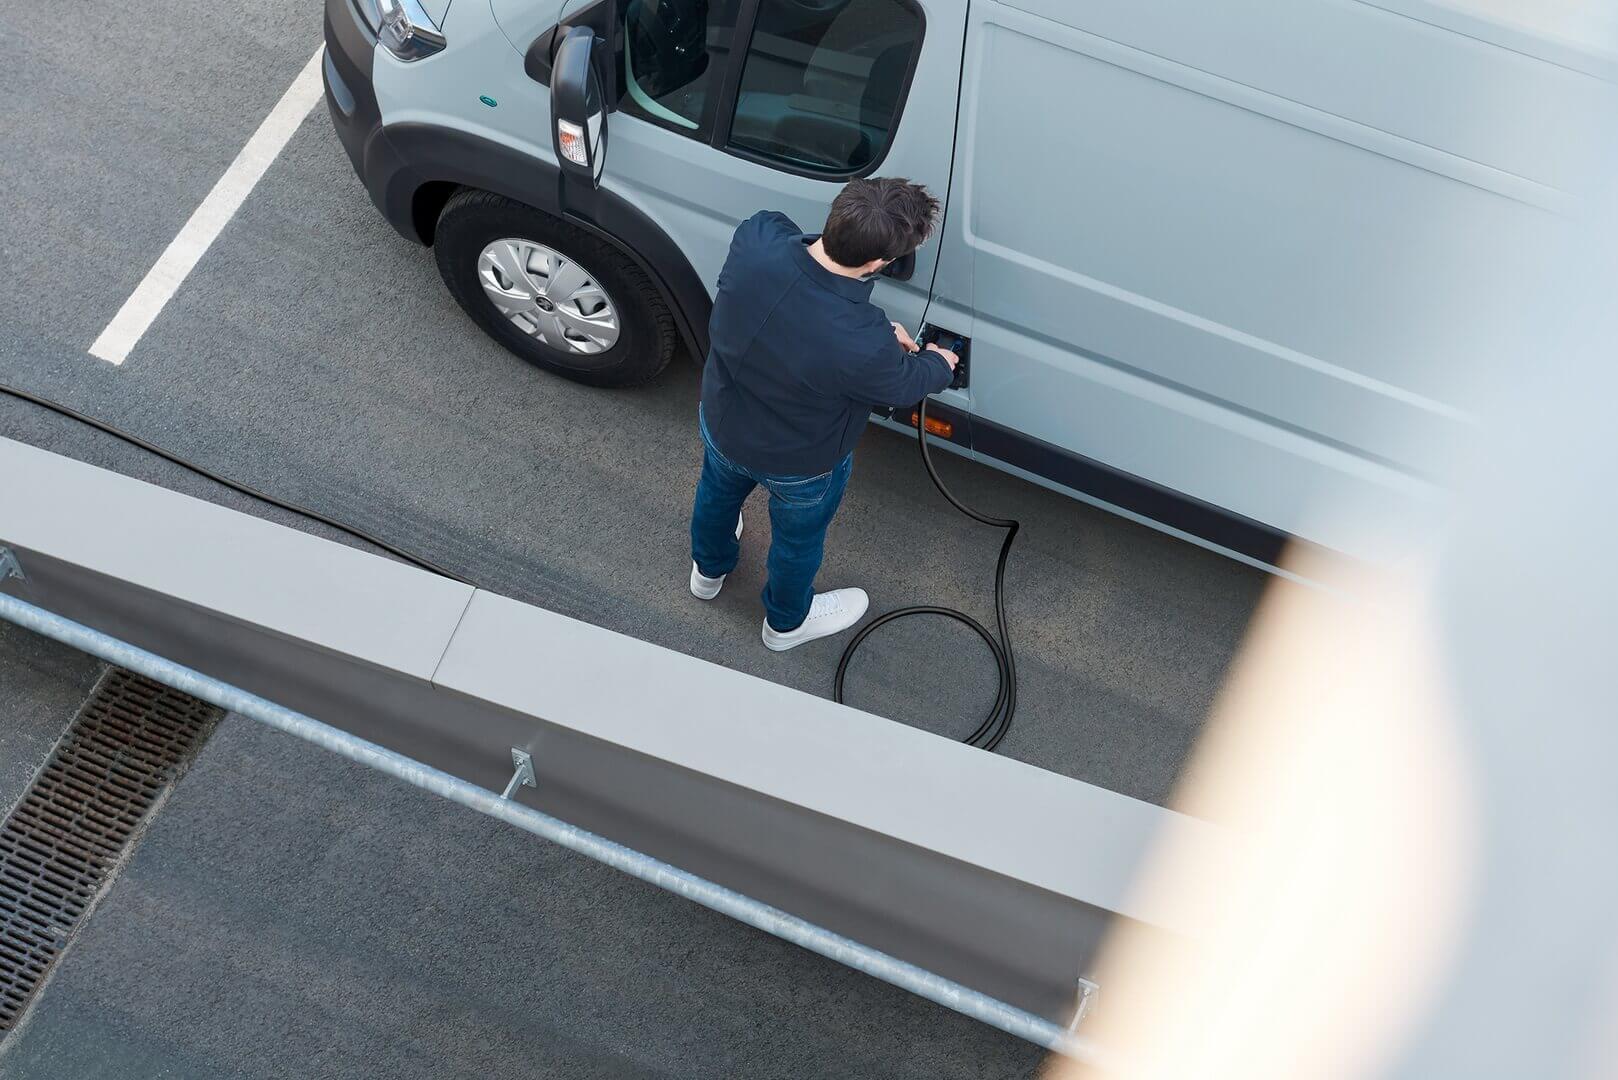 Фургон оснащен бортовым зарядным устройством CCS Combo Type 2 на 22 кВт (AC) и 50 кВт (DC)